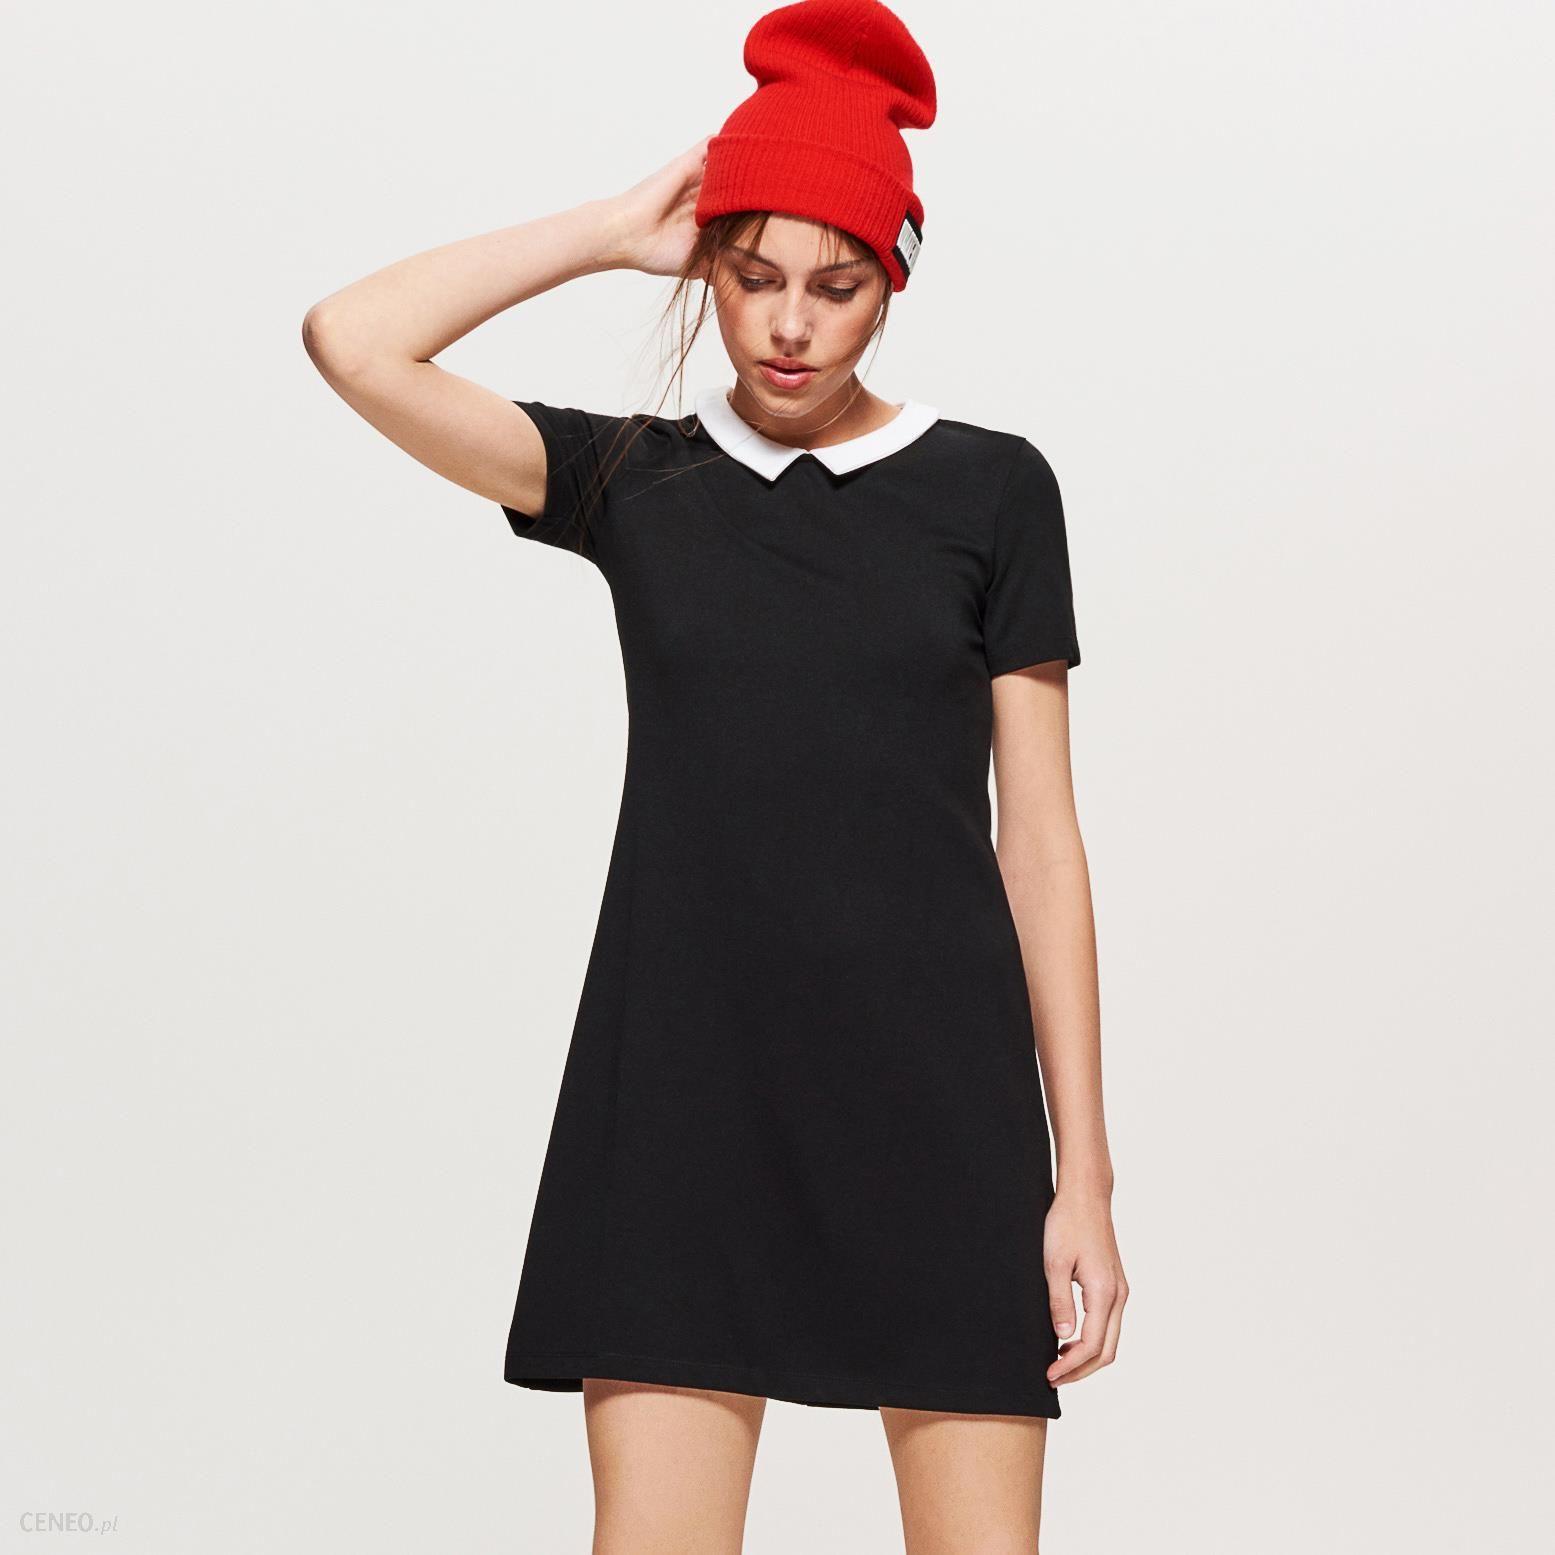 bd676029ed Cropp - Sukienka z białym kołnierzykiem - Czarny - Ceny i opinie ...